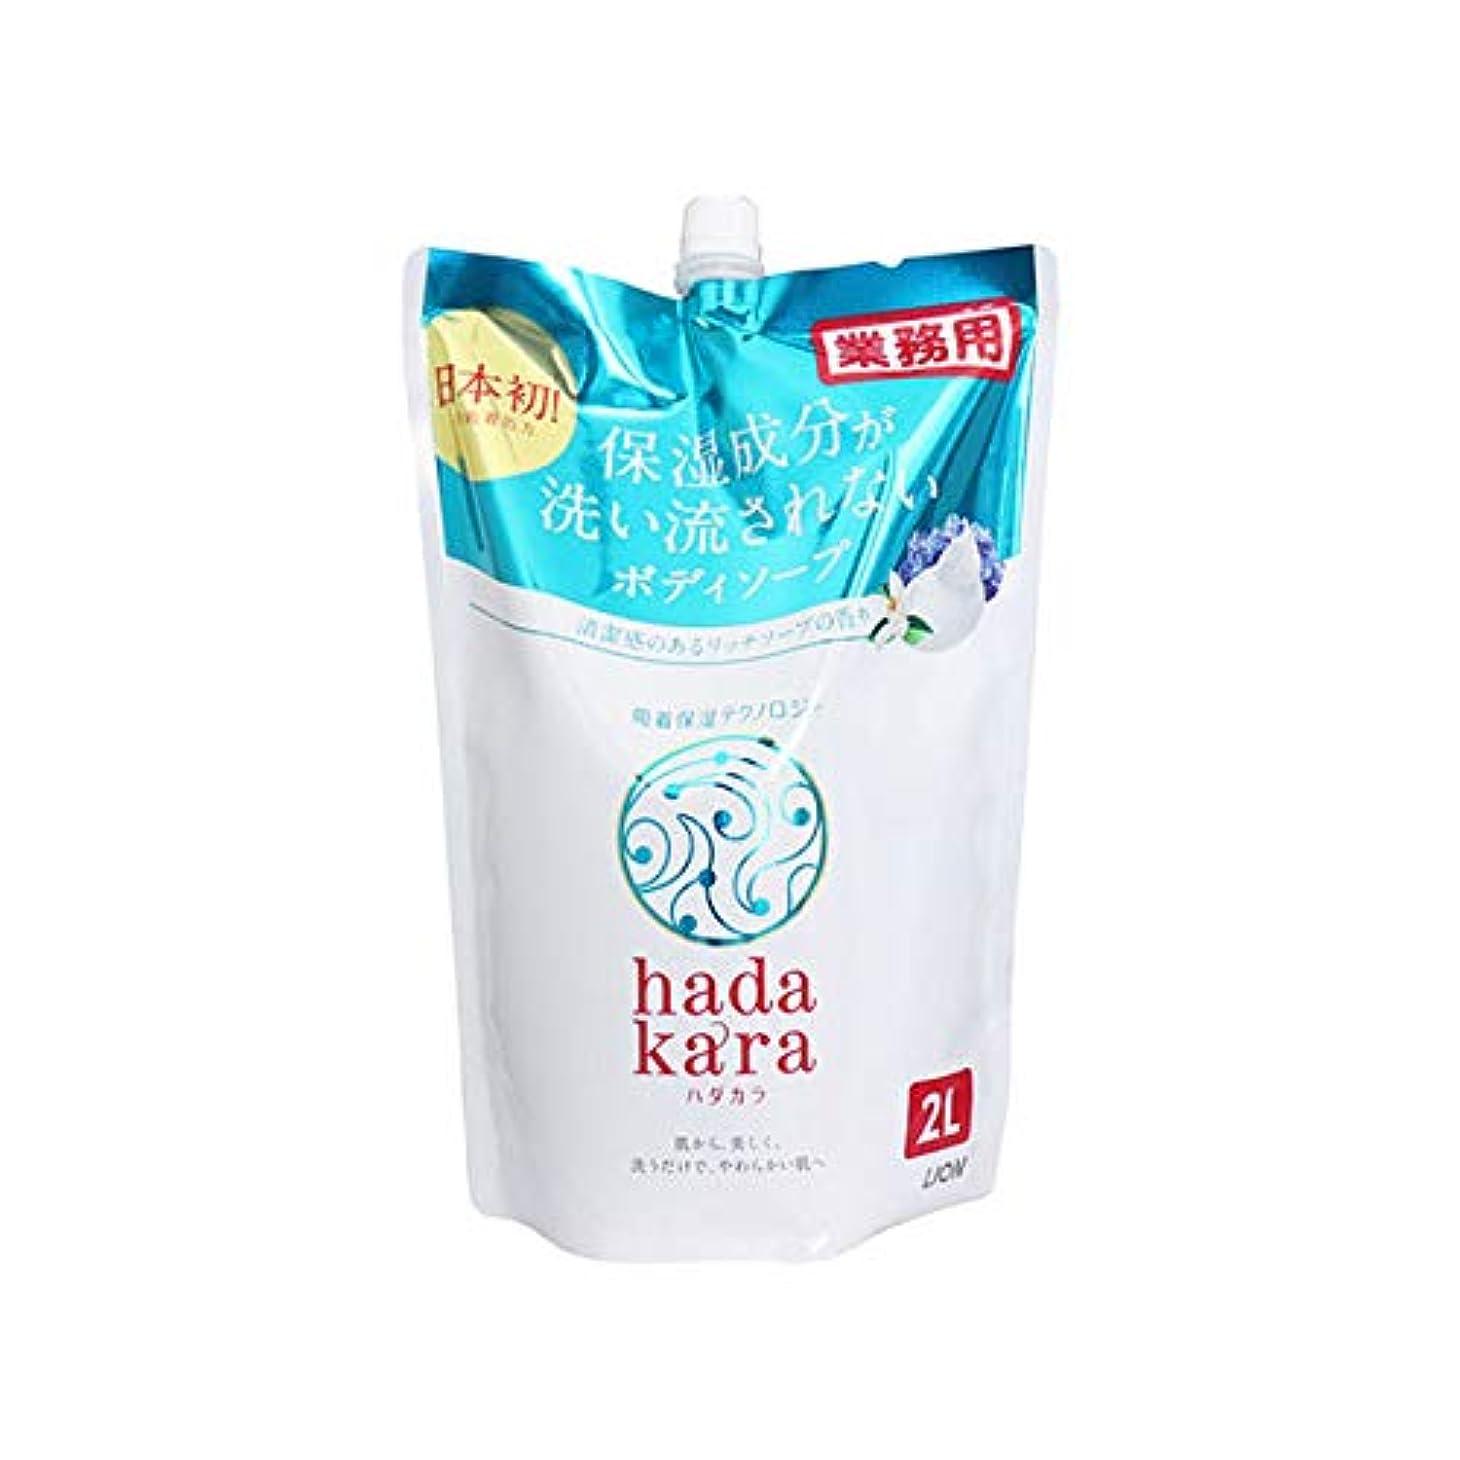 栄養クルーズグラマー業務用 ボディーソープ ハダカラ hadakara ボディソープ リッチソープの香り 2LX6本 ライオン